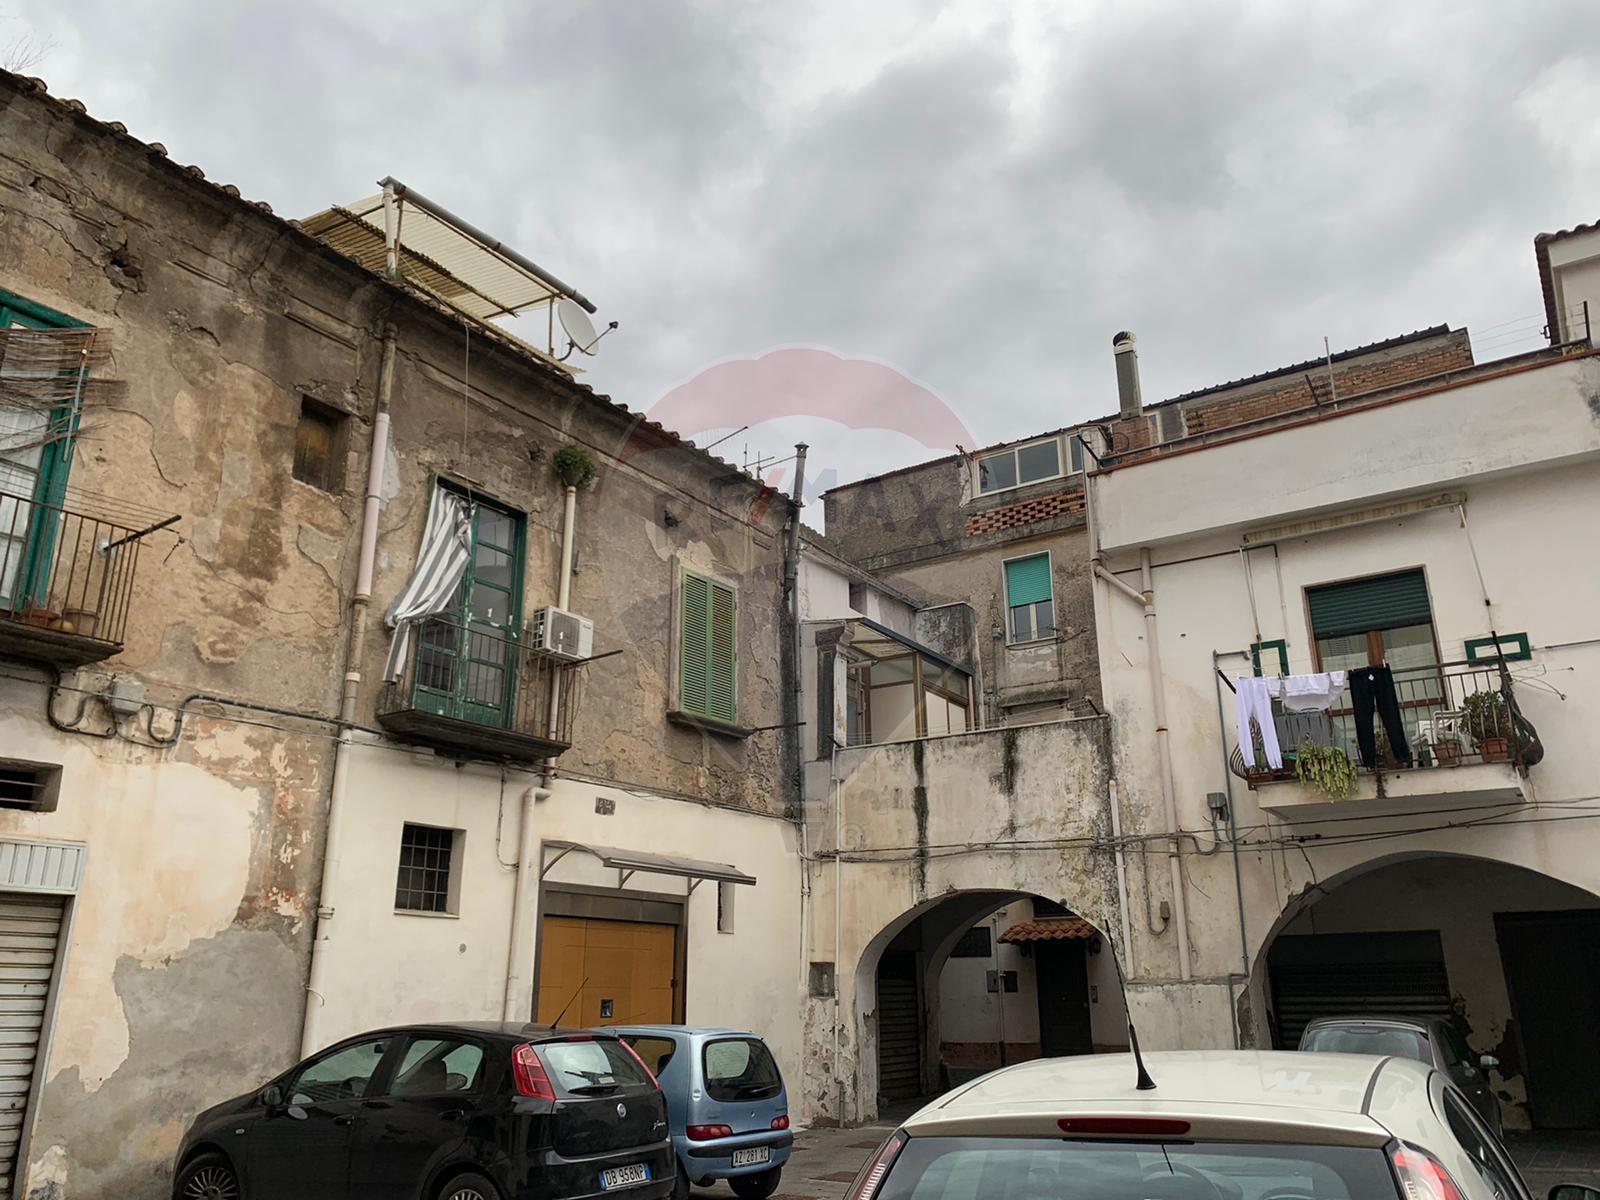 Vendita Appartamento Via Filippo Dentice D'Accadia, 28 Nocera Inferiore, SA